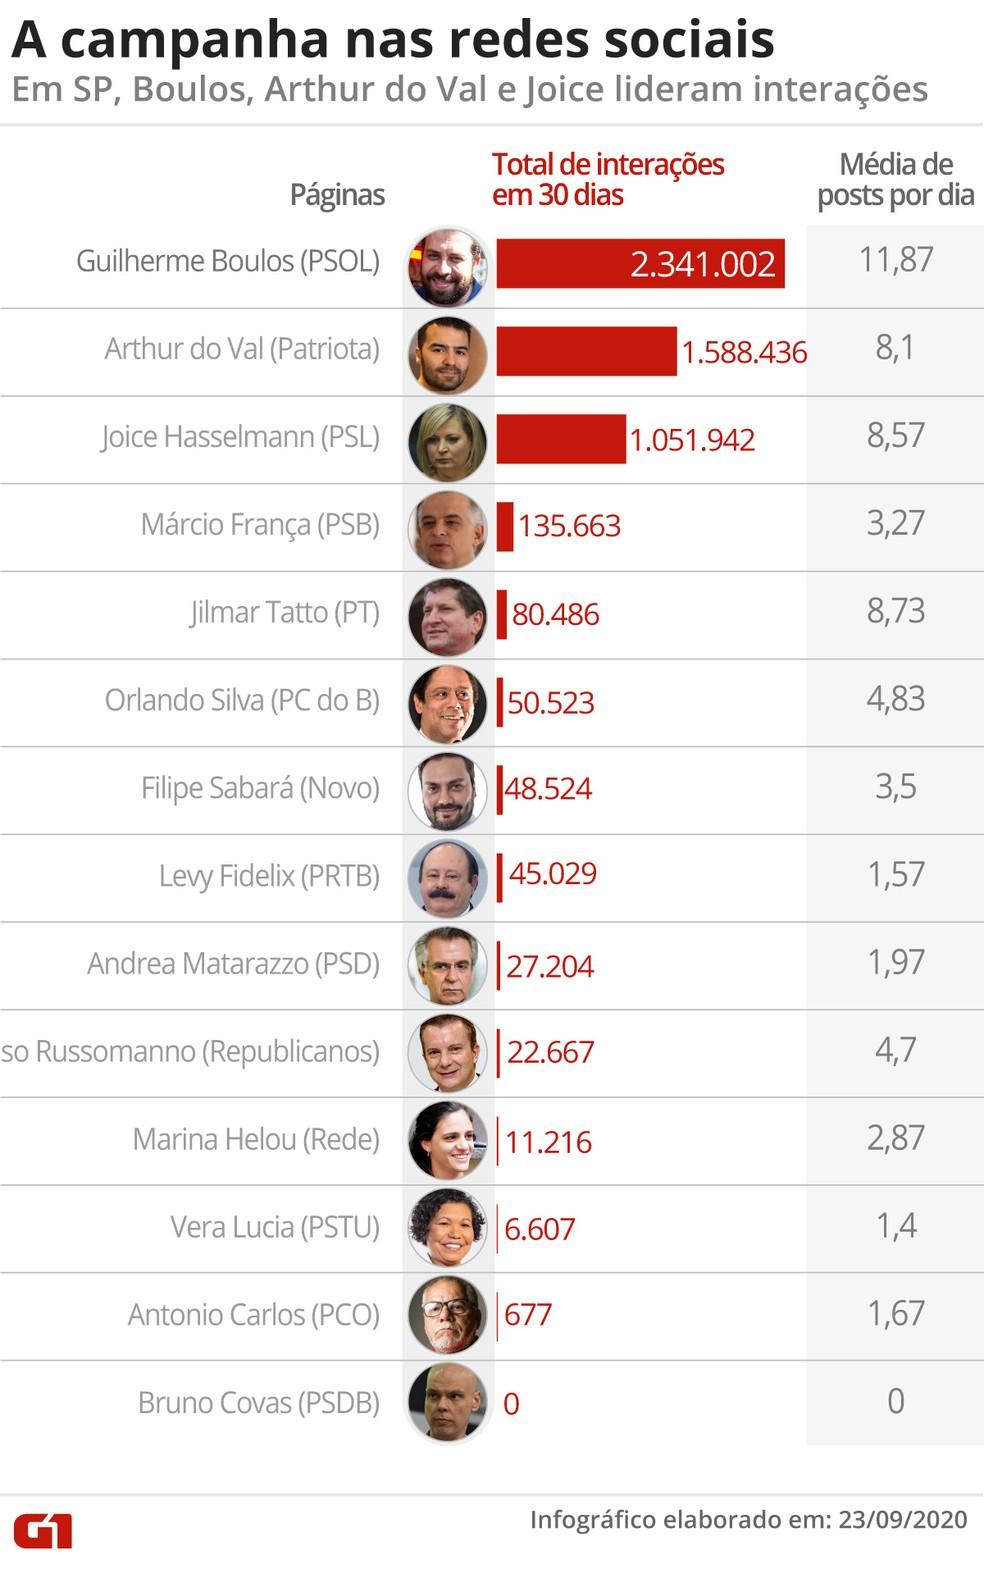 Interações nas páginas do Facebook dos candidatos em SP somam 5,4 milhões — Foto: Aparecido Gonçalves/G1